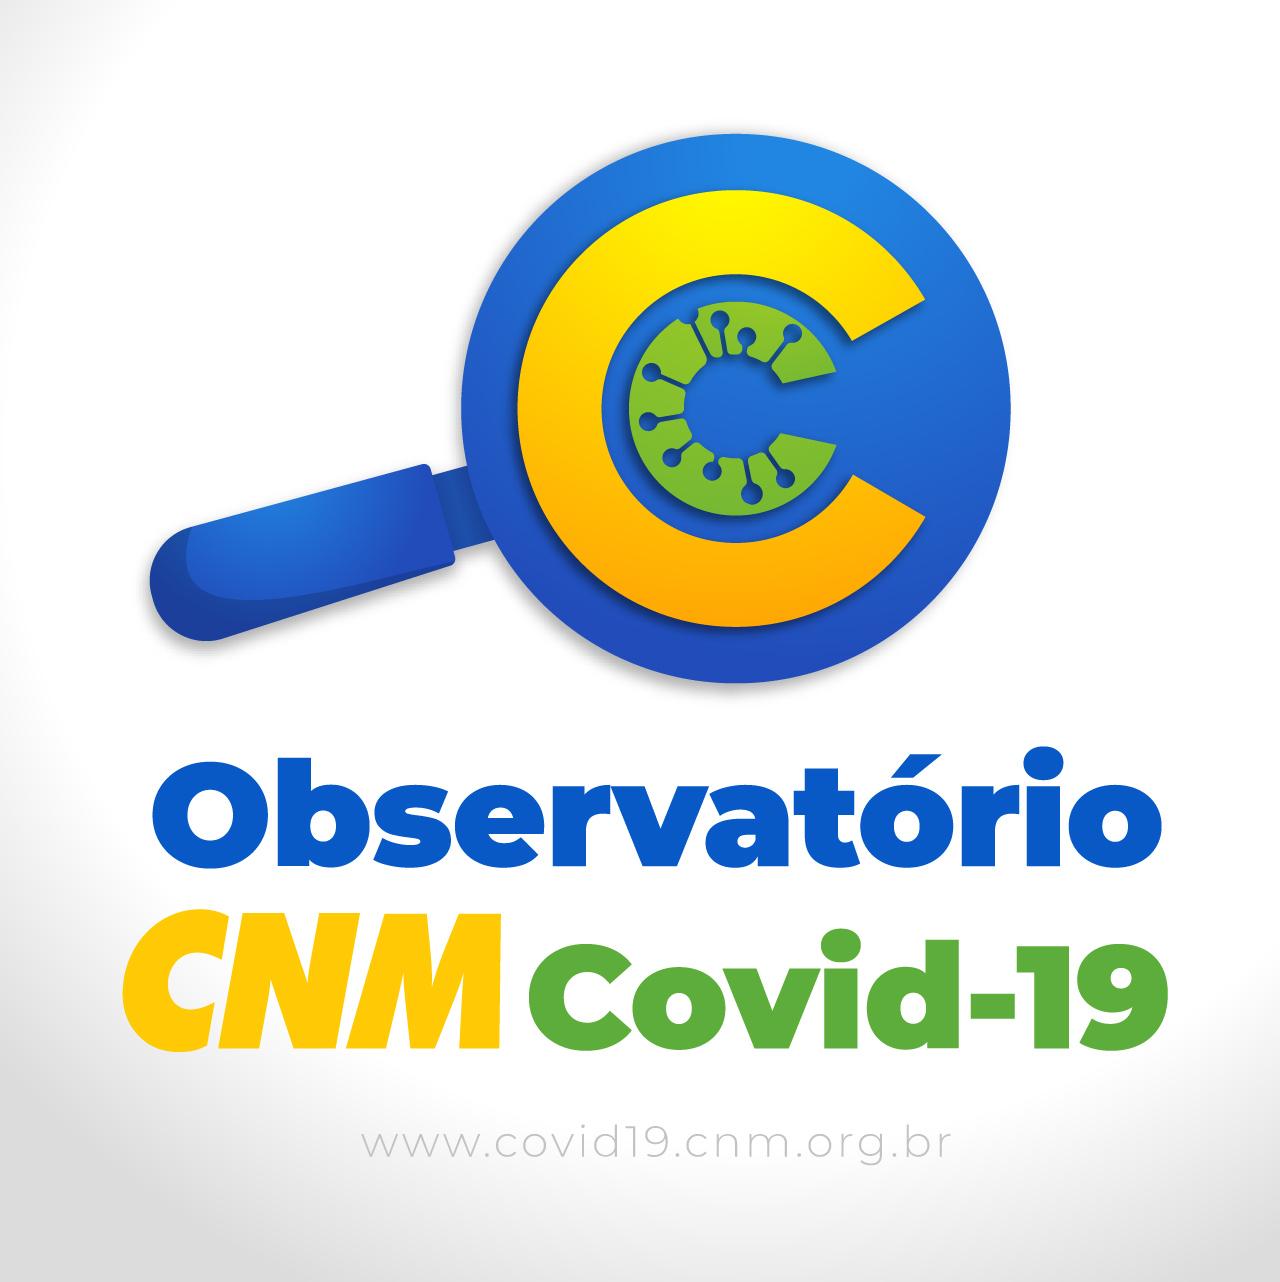 26032021 0bservatorio Covid